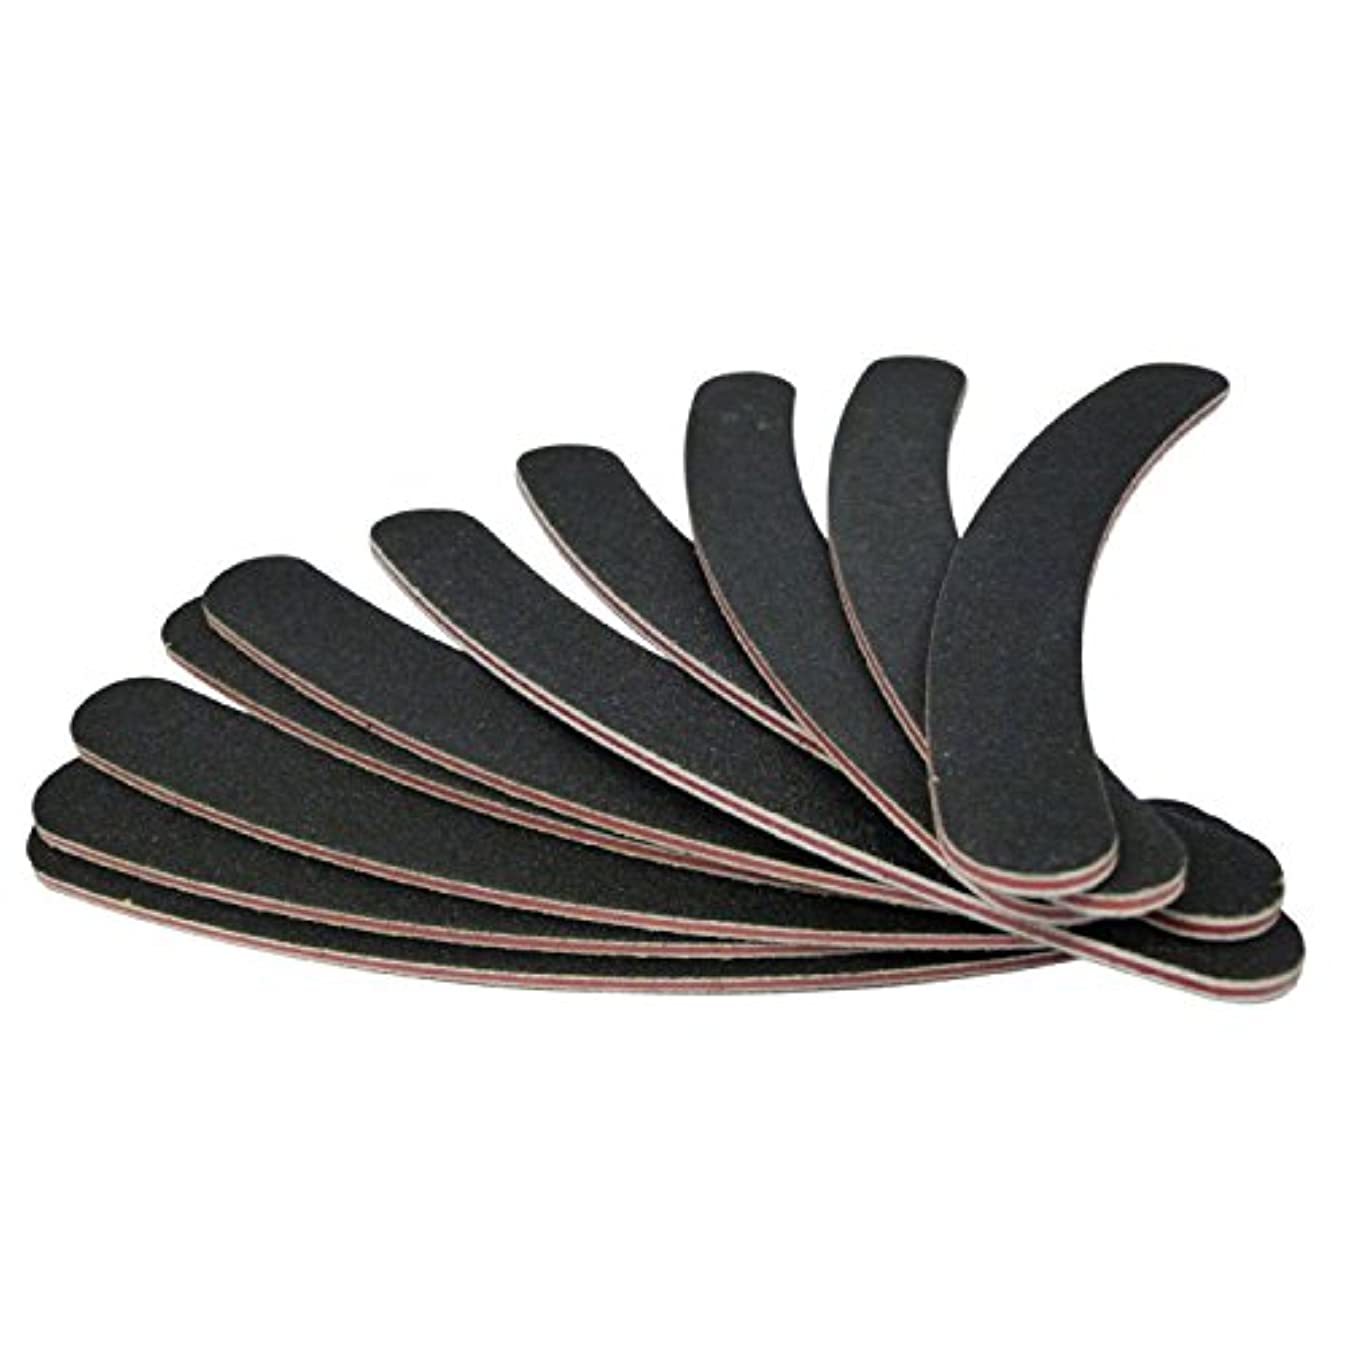 広げるええ許されるGespout 爪やすり 爪磨き 滑らか仕上げ ネイルシャイナー ネイルケア用品 ピカピカ ネイルケア 紙 人気 10本セット ブラック